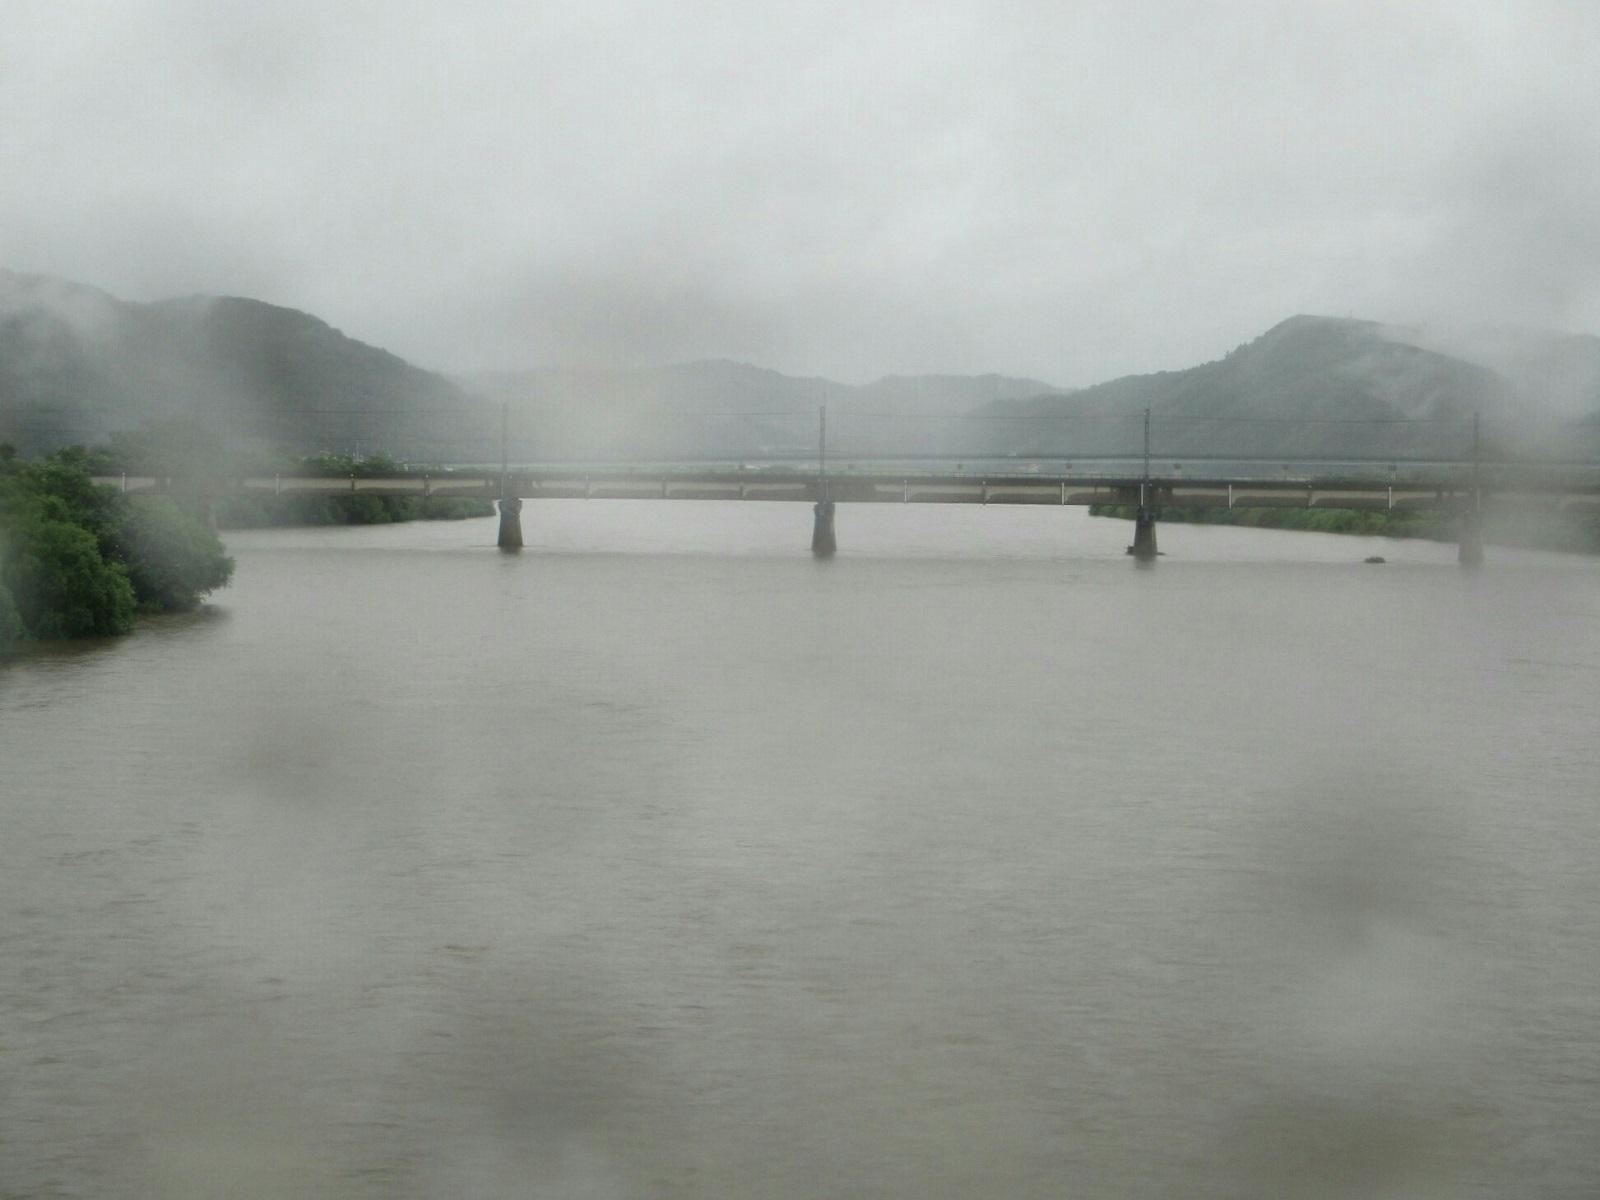 2018.7.6 (33) 出雲市駅いきバス - 斐伊川(ひいかわ)(神立橋) 1600-1200